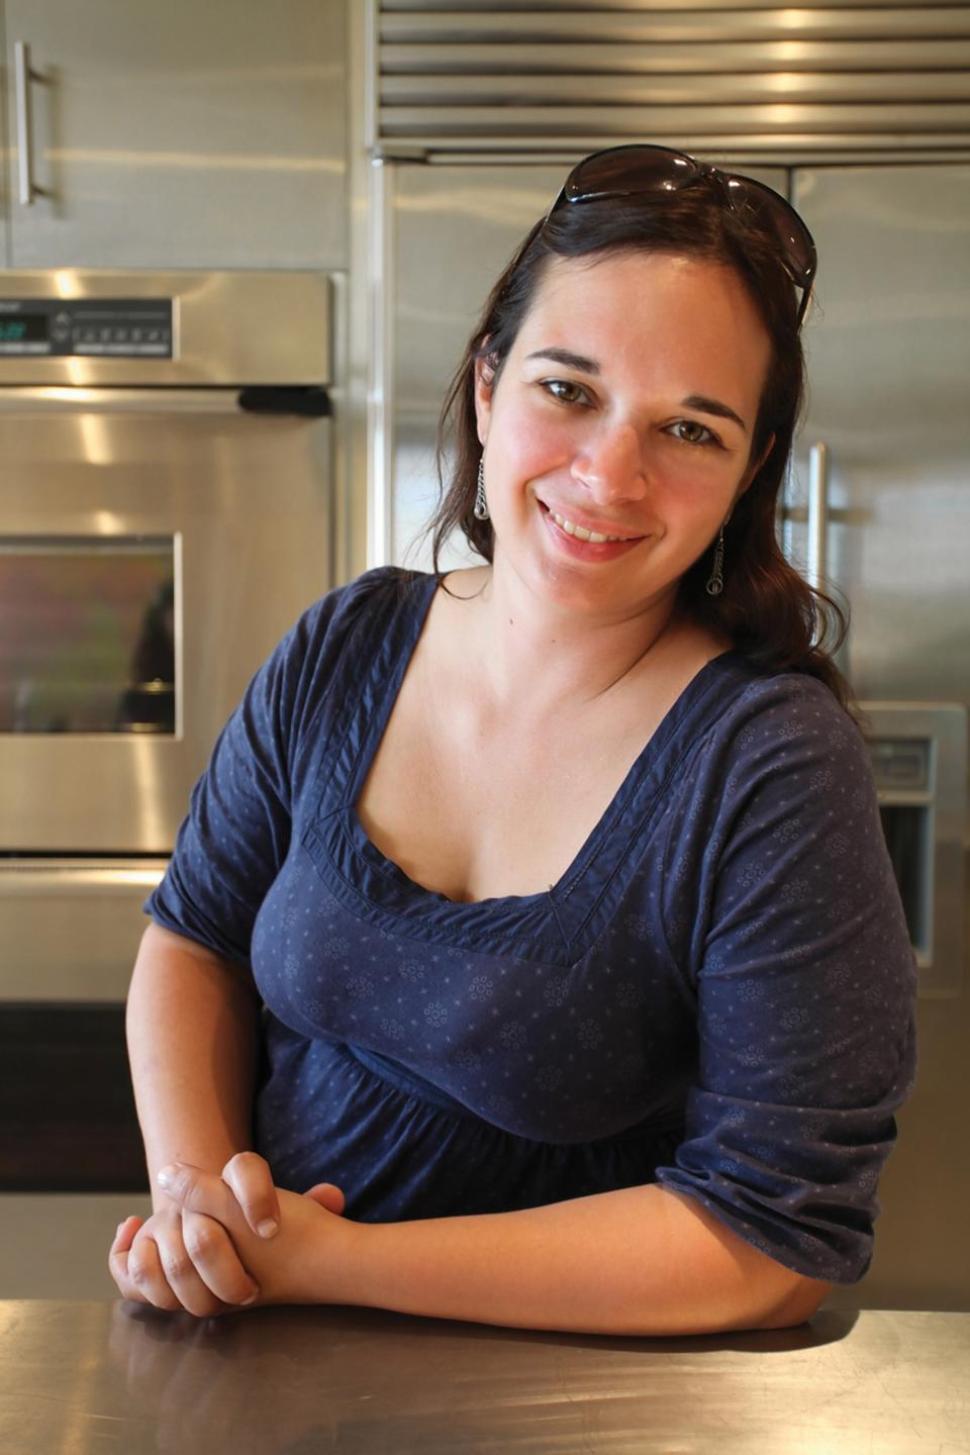 Elise McDonough